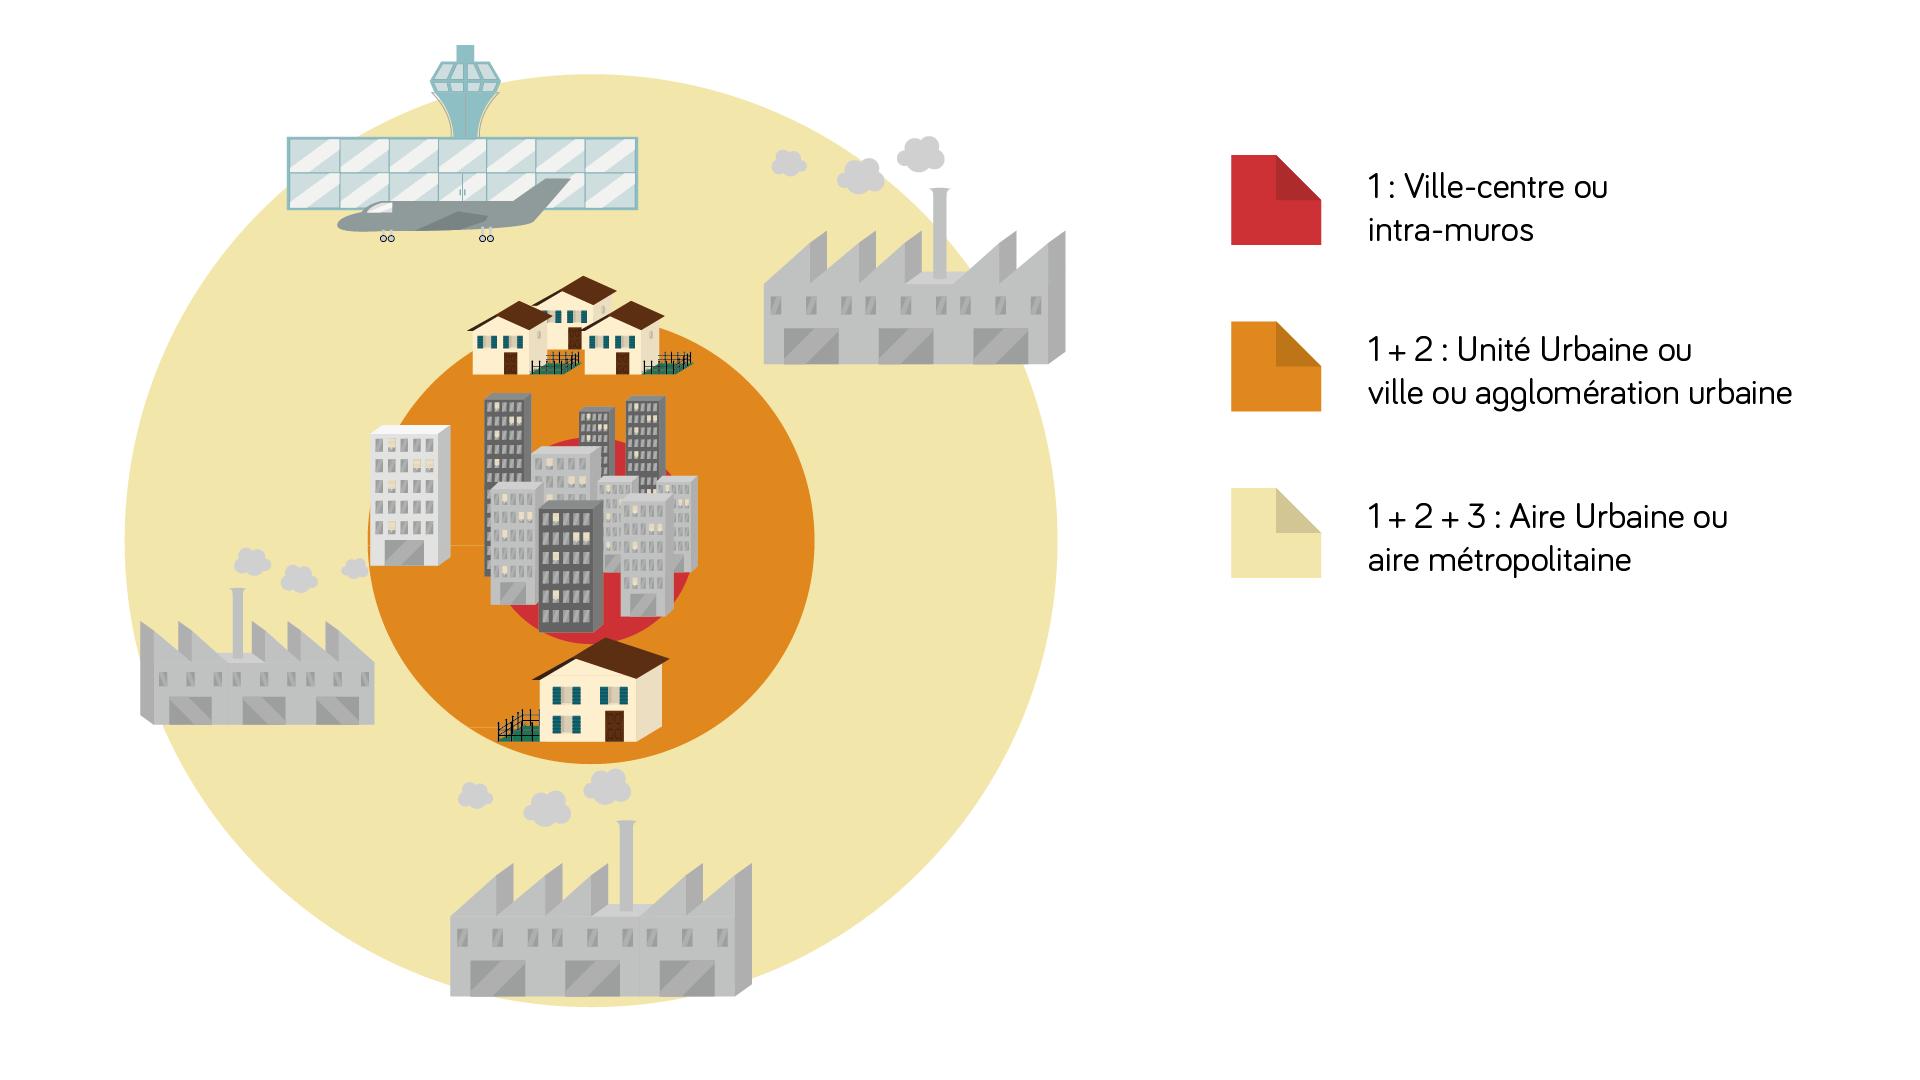 Schéma d'une aire urbaine géographie 3e